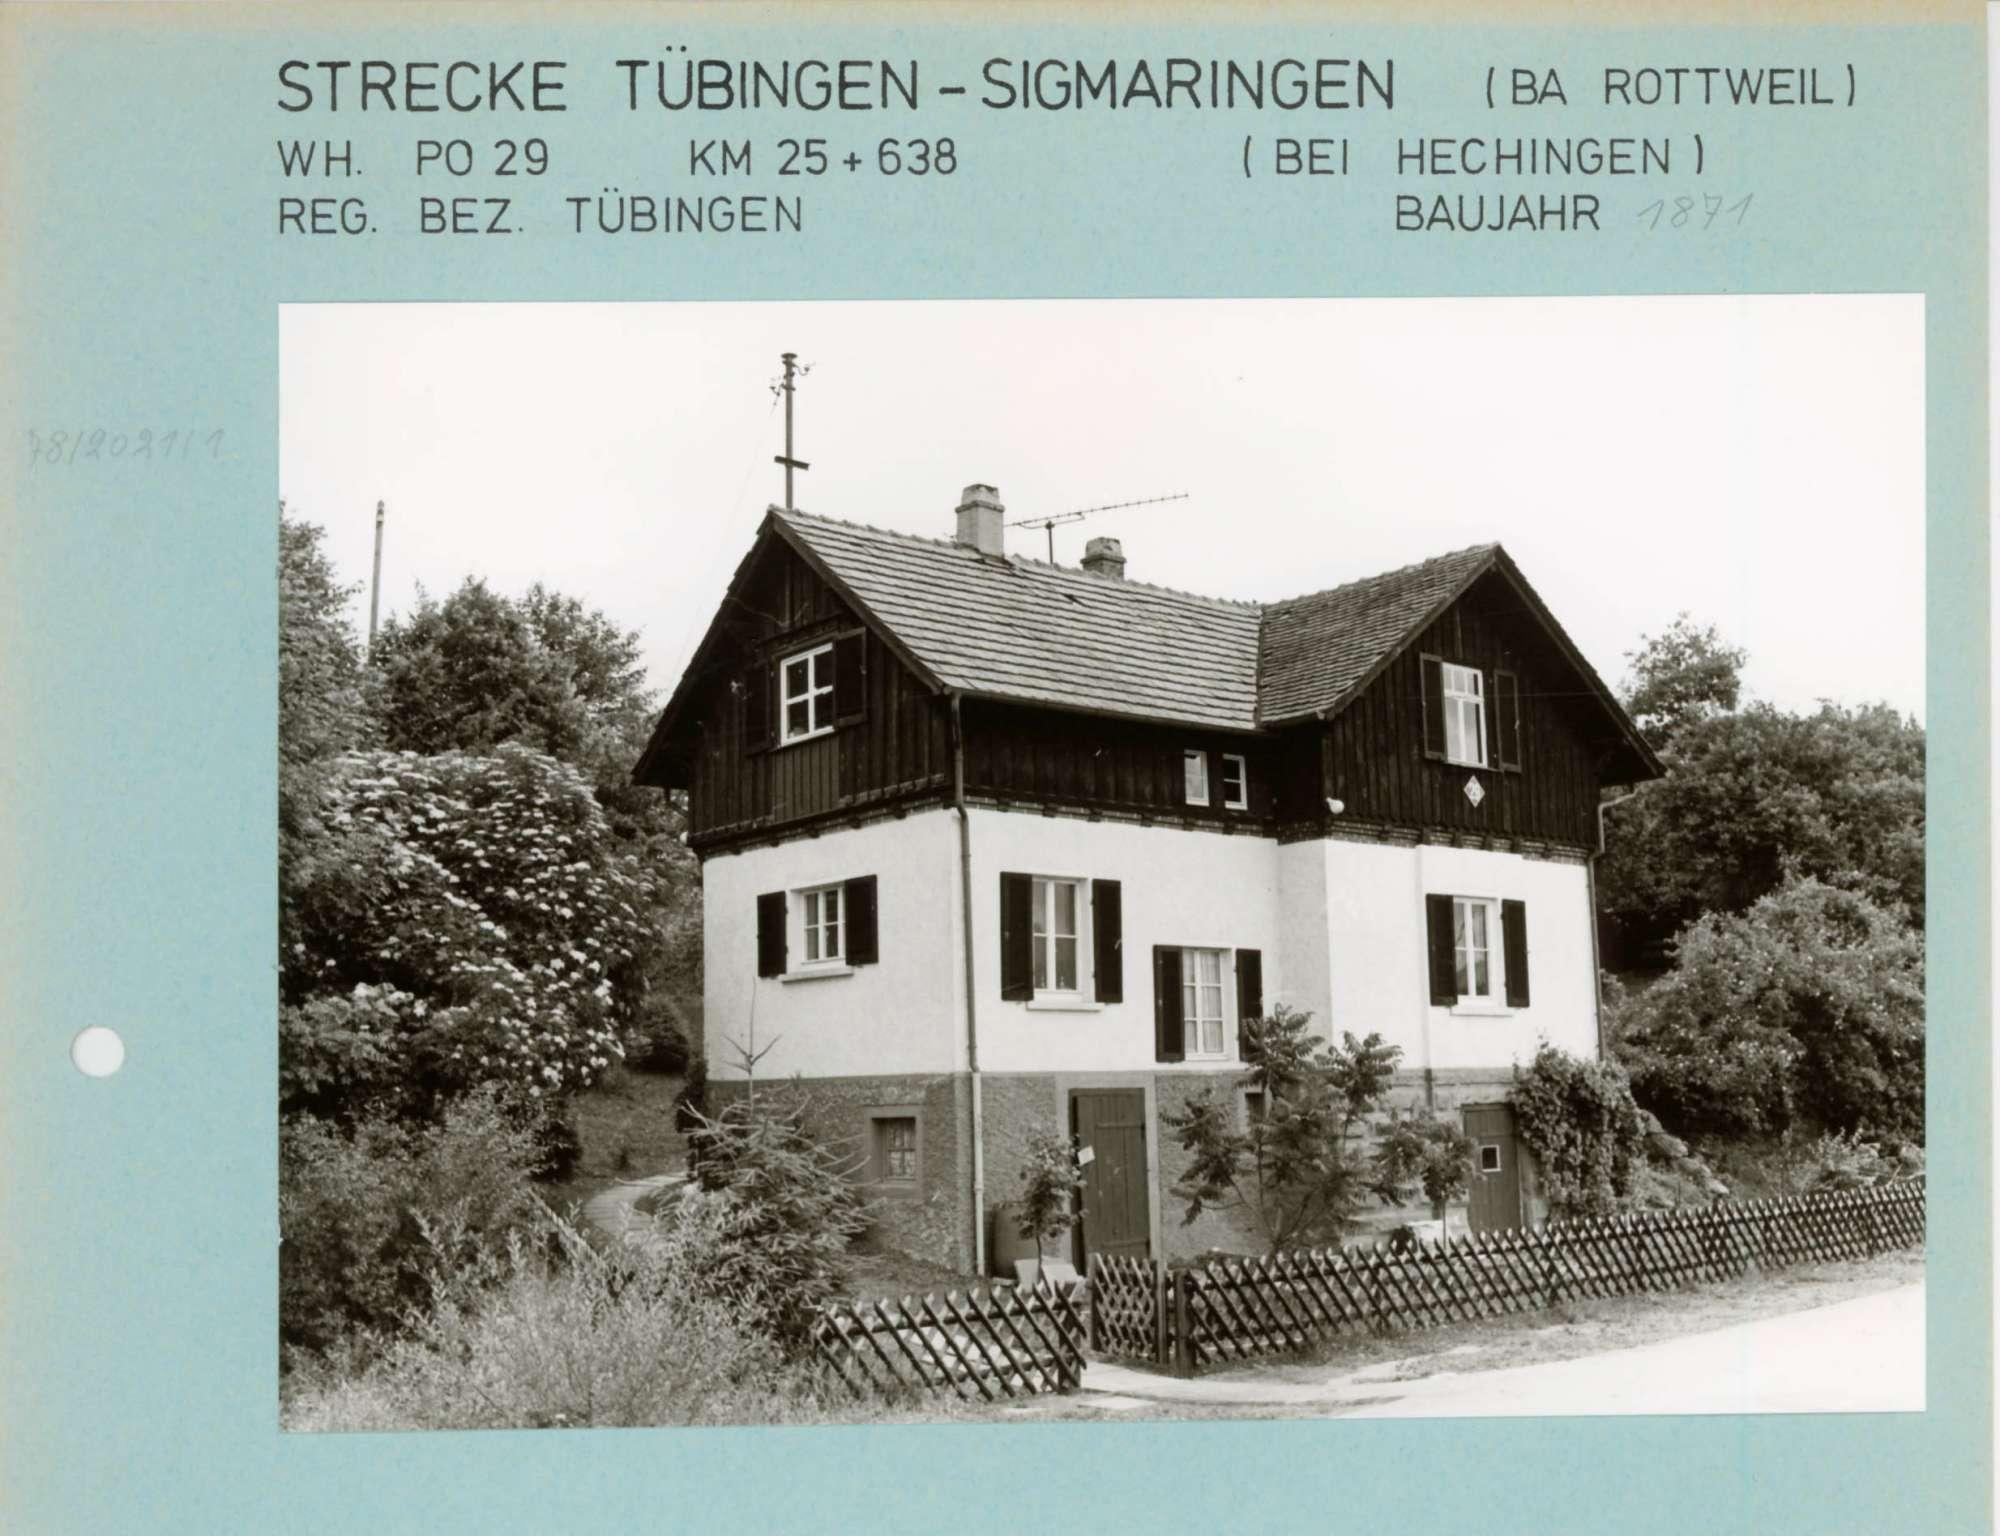 Hechingen: 2 Fotos, Bild 2